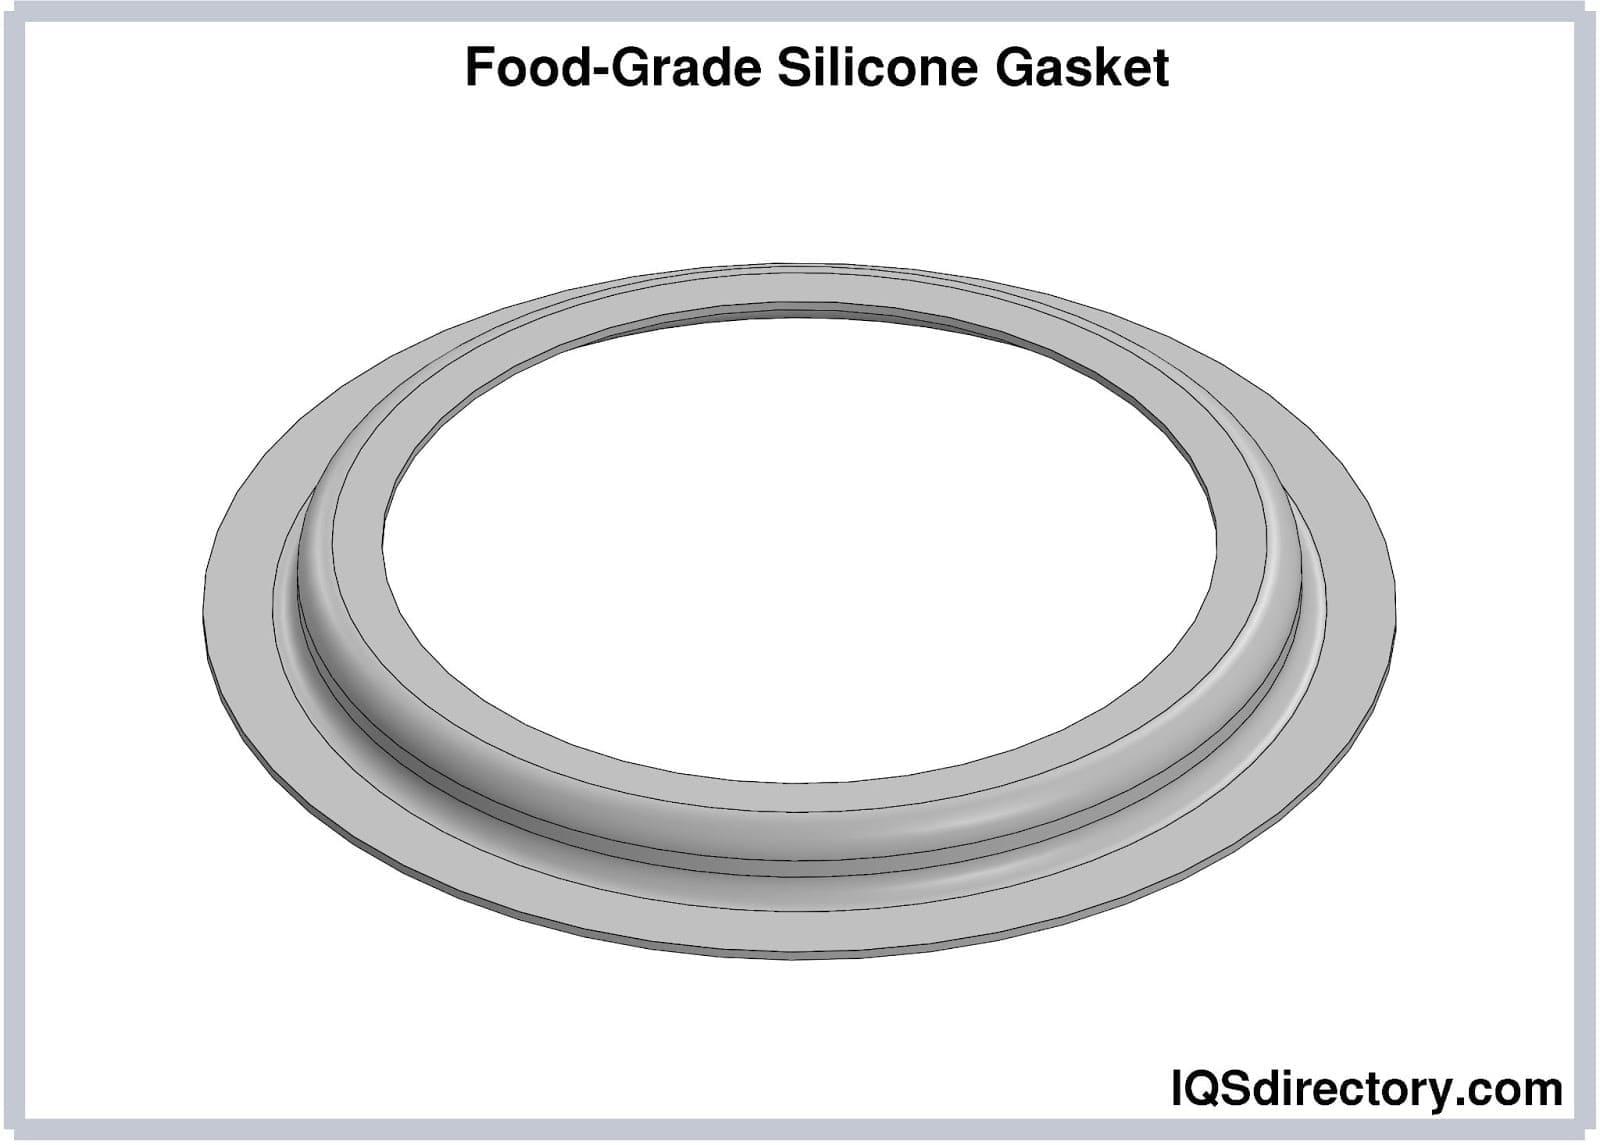 Food-Grade Silicone Gasket